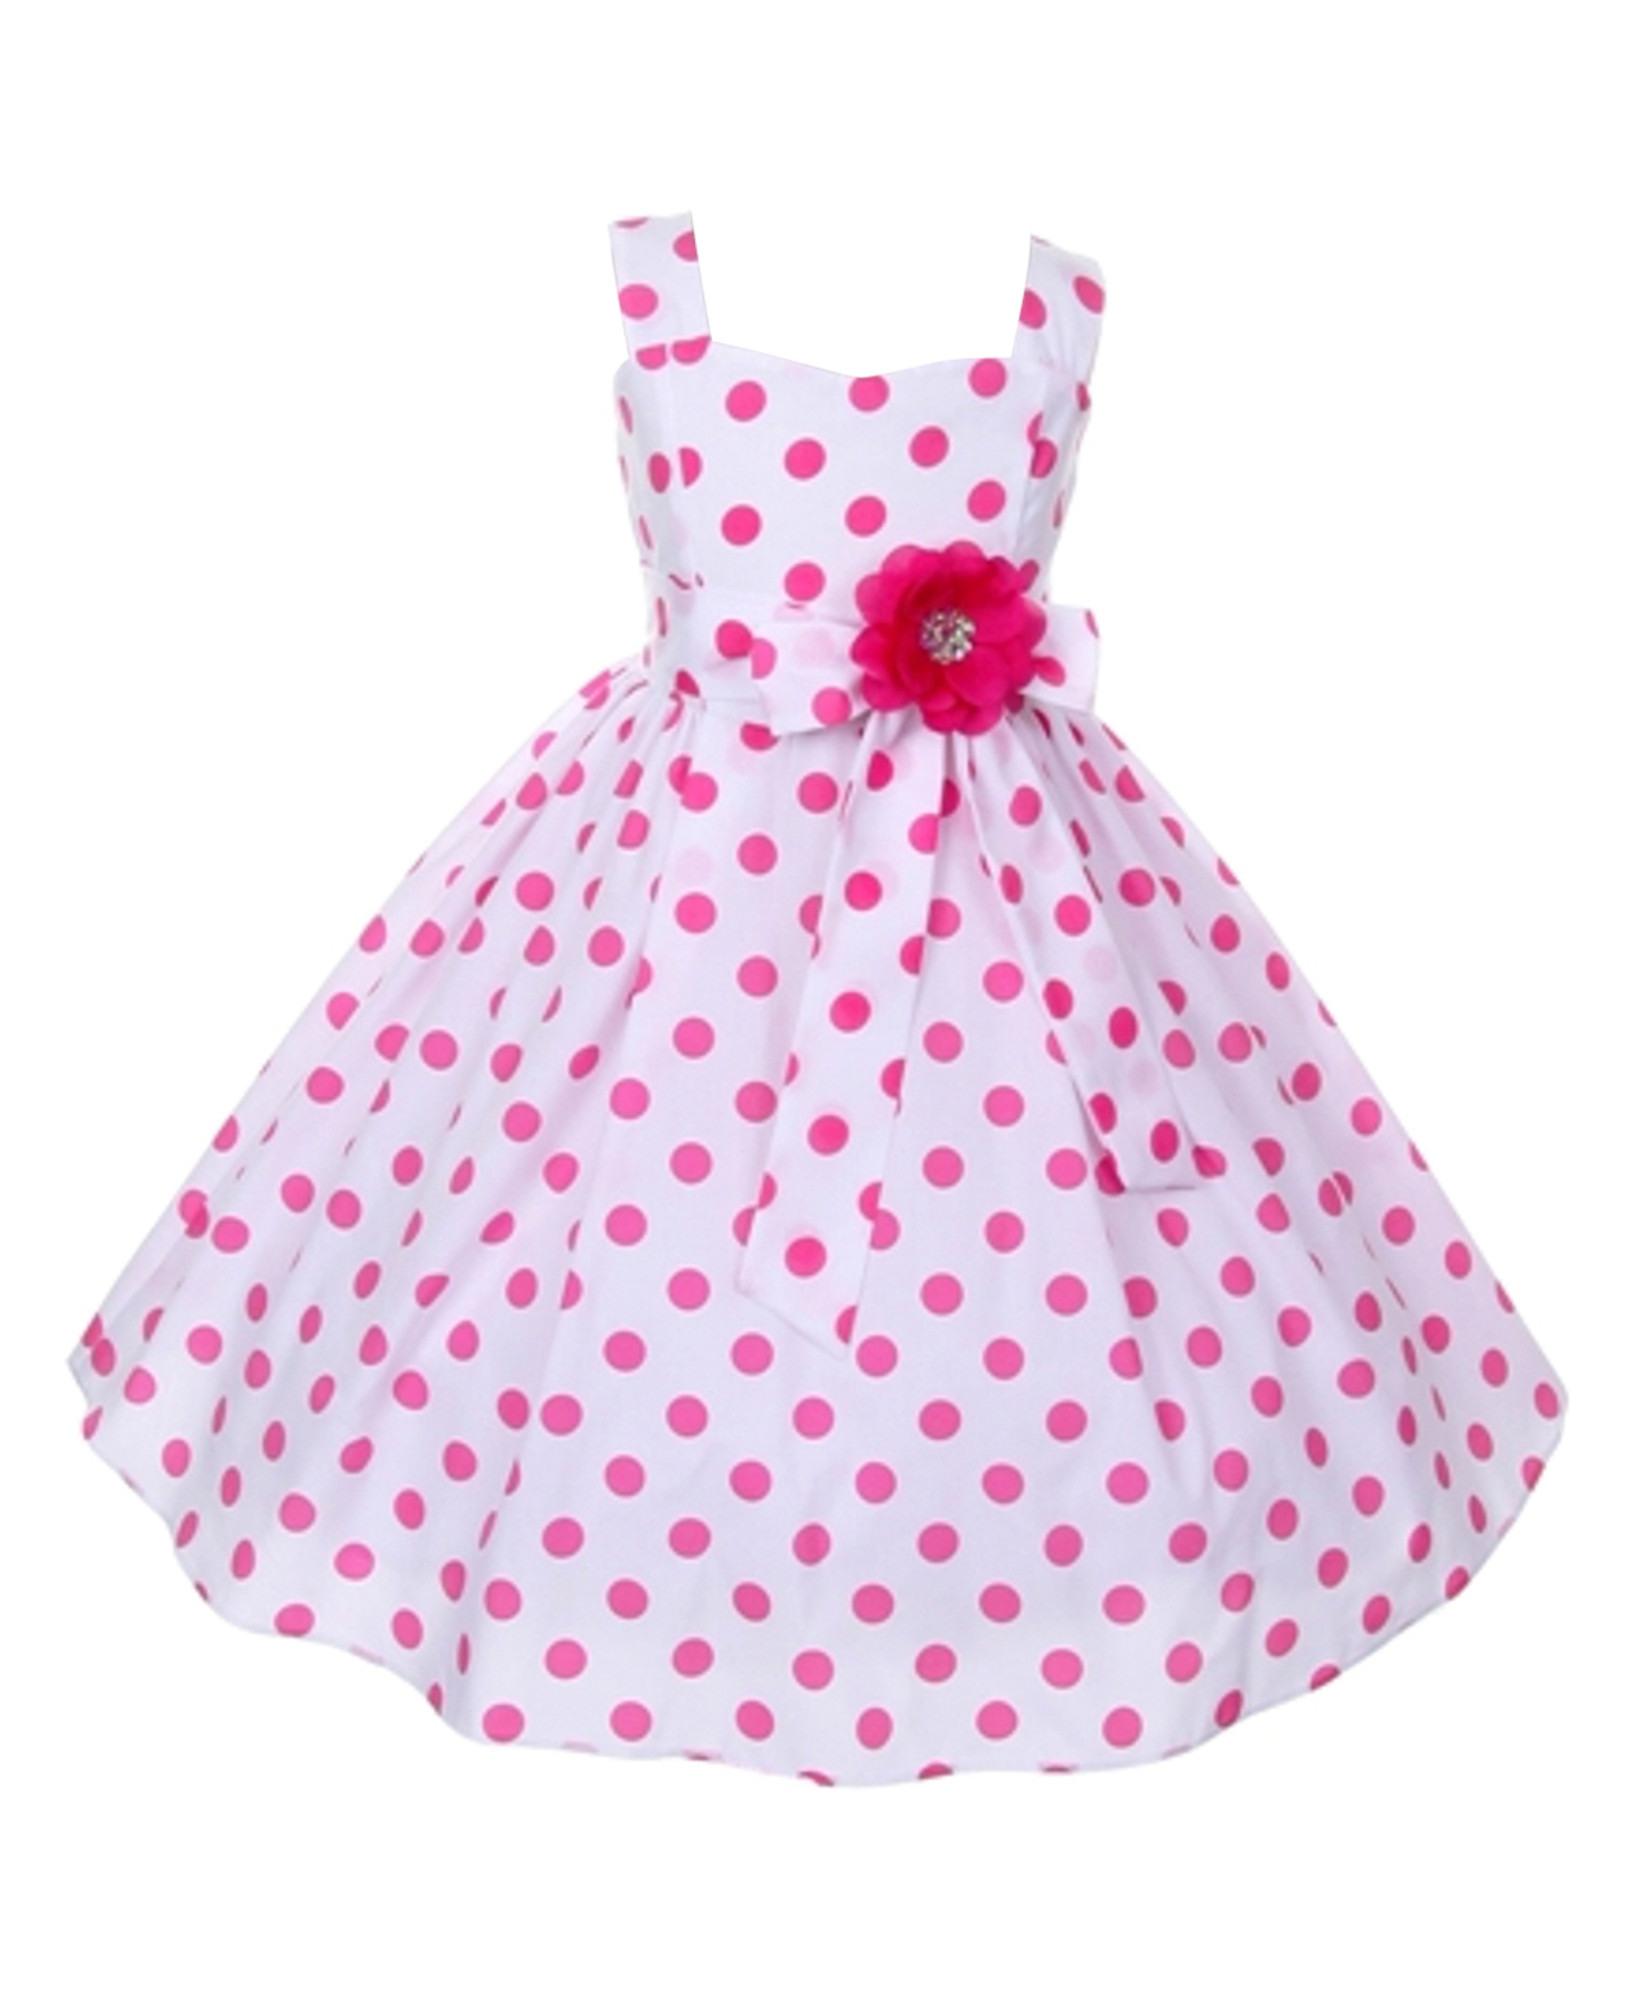 Hübsches Mädchenkleid Emilia Kleid Weiß Punkte In Pink